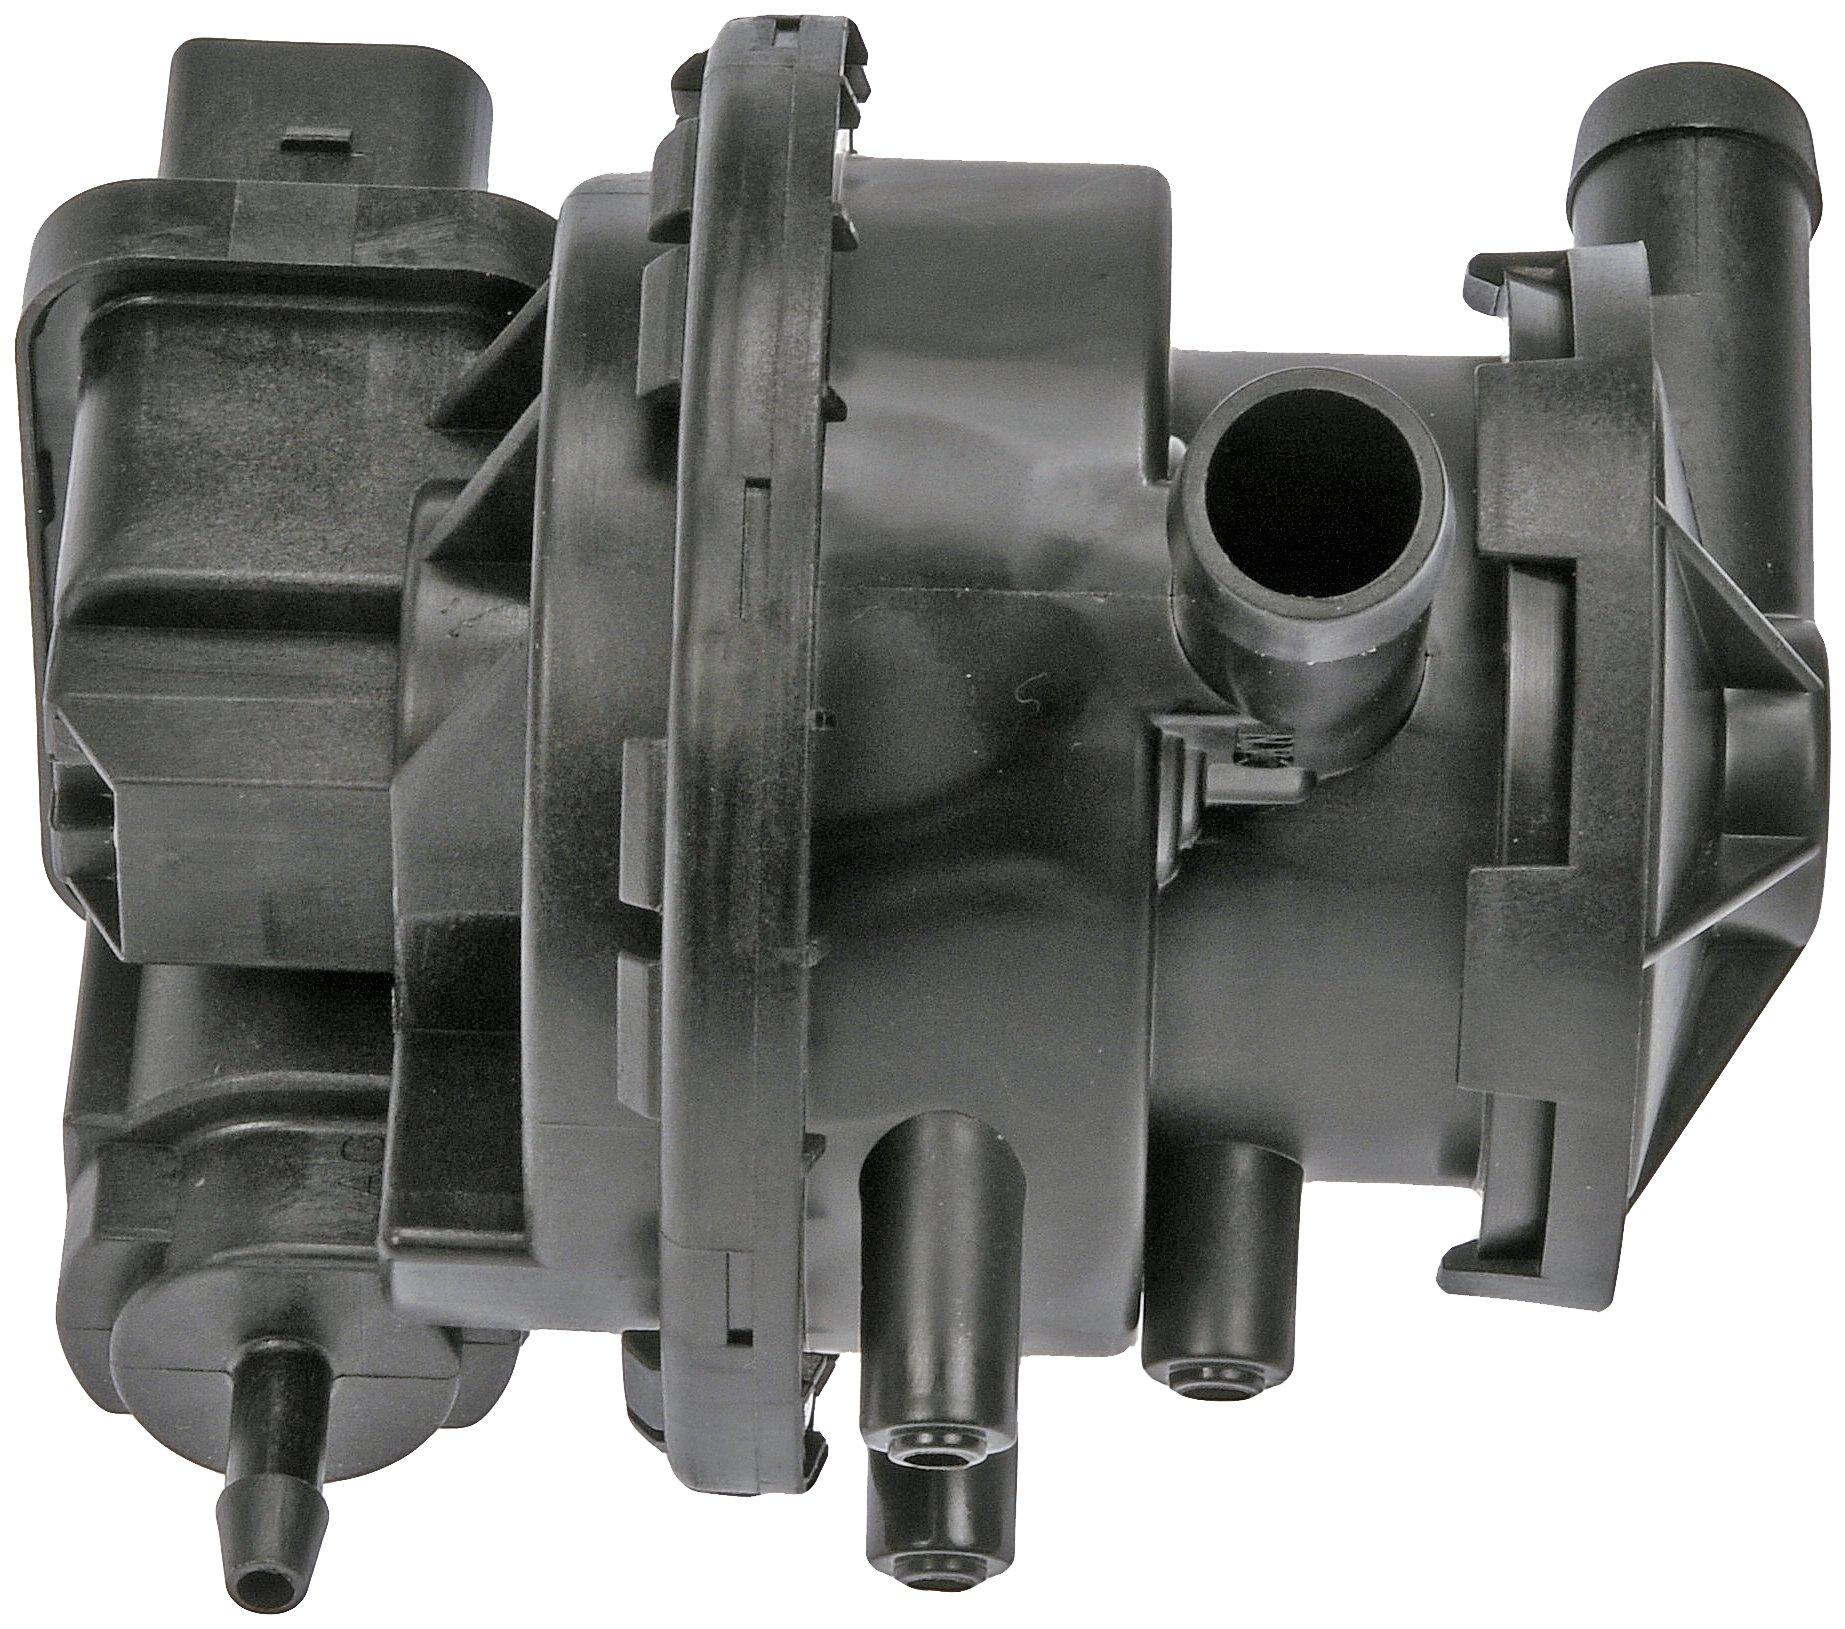 Dorman 310-231 Fuel Vapor Leak Detection Pump by Dorman (Image #3)